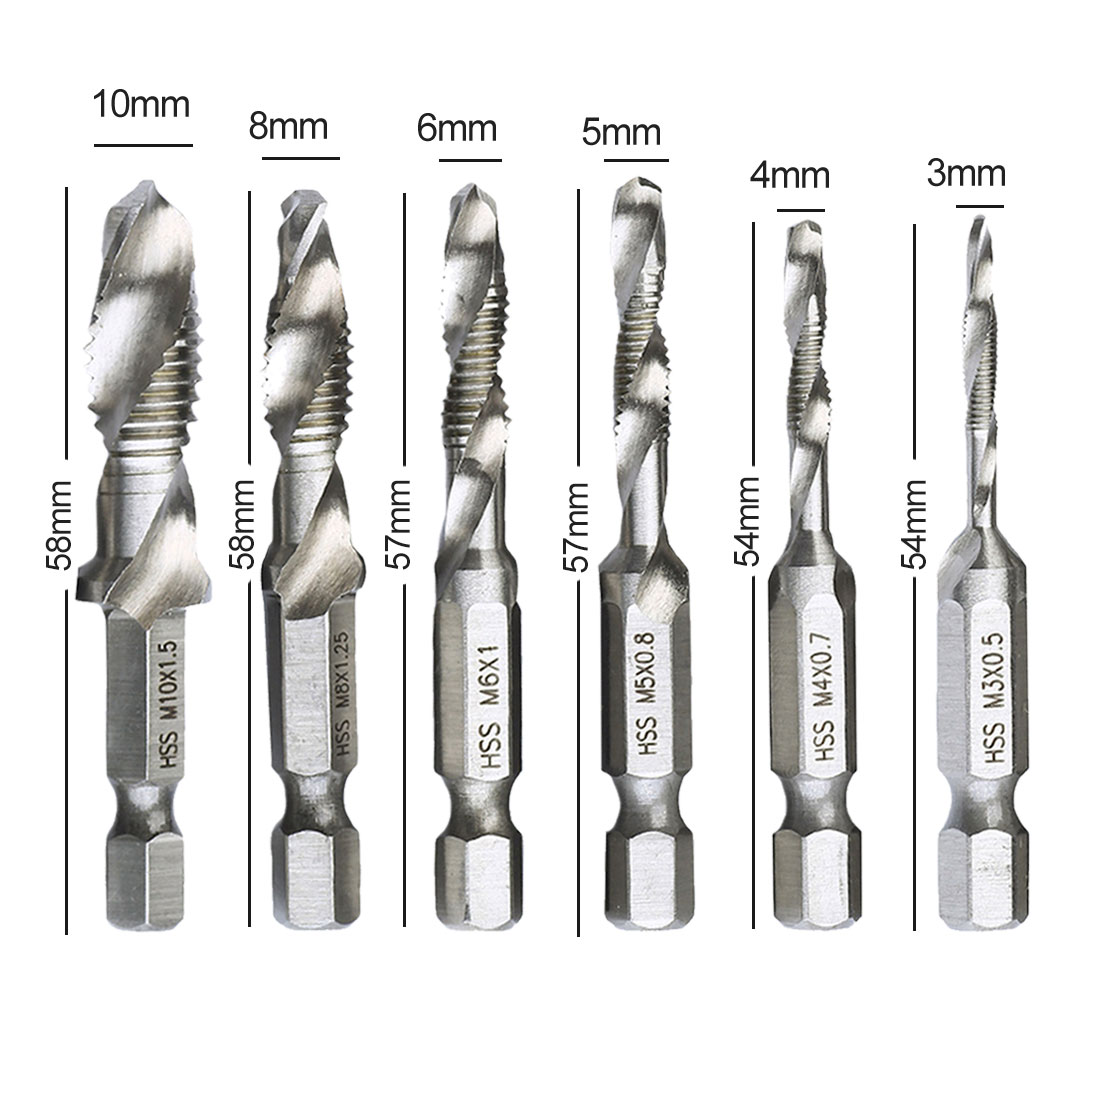 58mm Hex Shank HSS Metric Hand Screw Thread Tap Taper Tool Drill Bit Hotsale